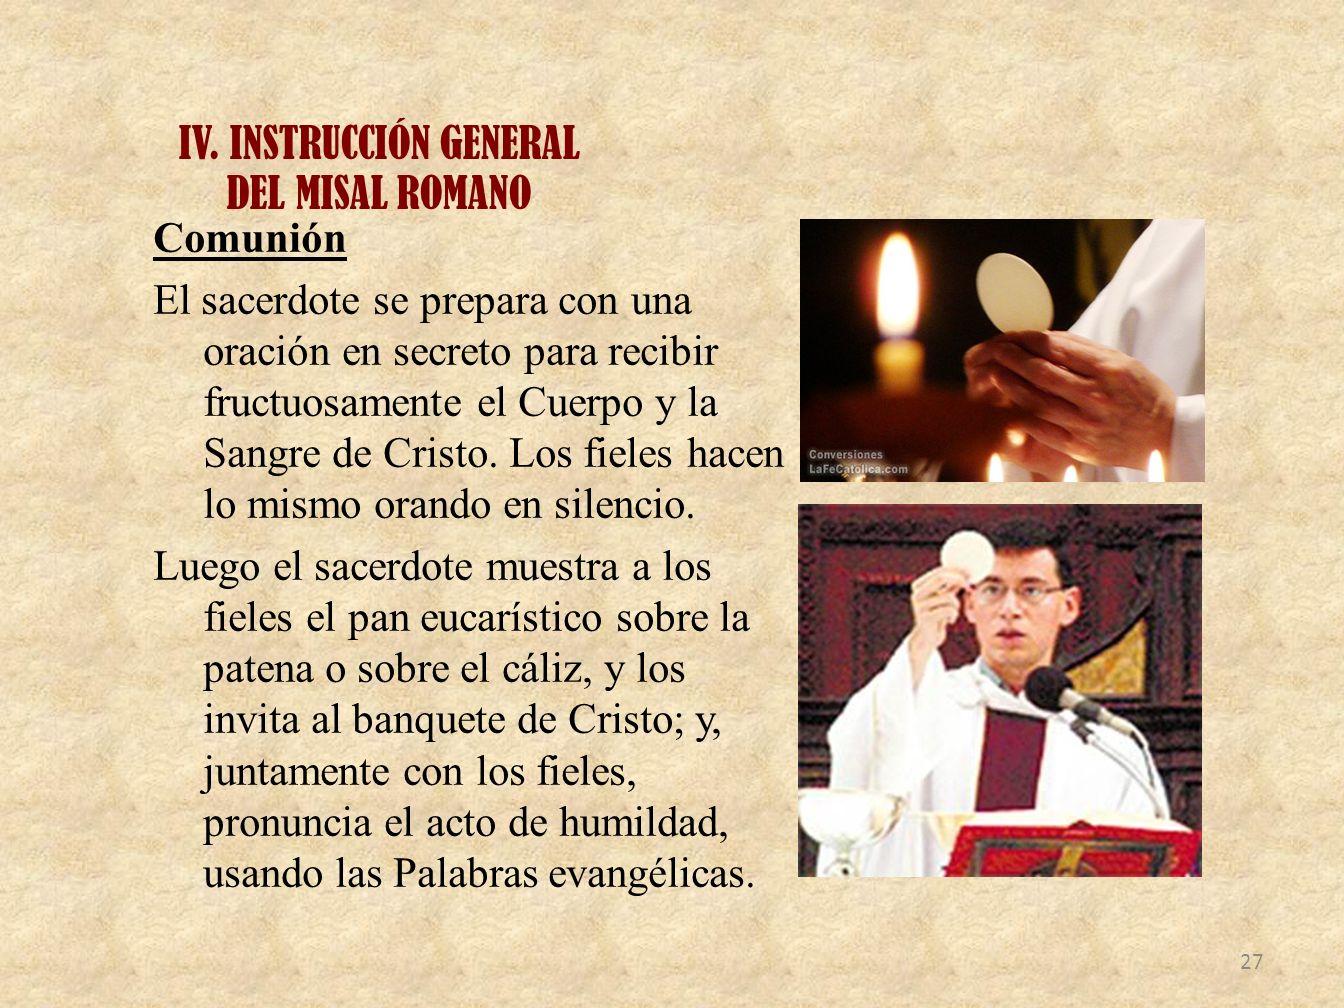 IV. INSTRUCCIÓN GENERAL DEL MISAL ROMANO